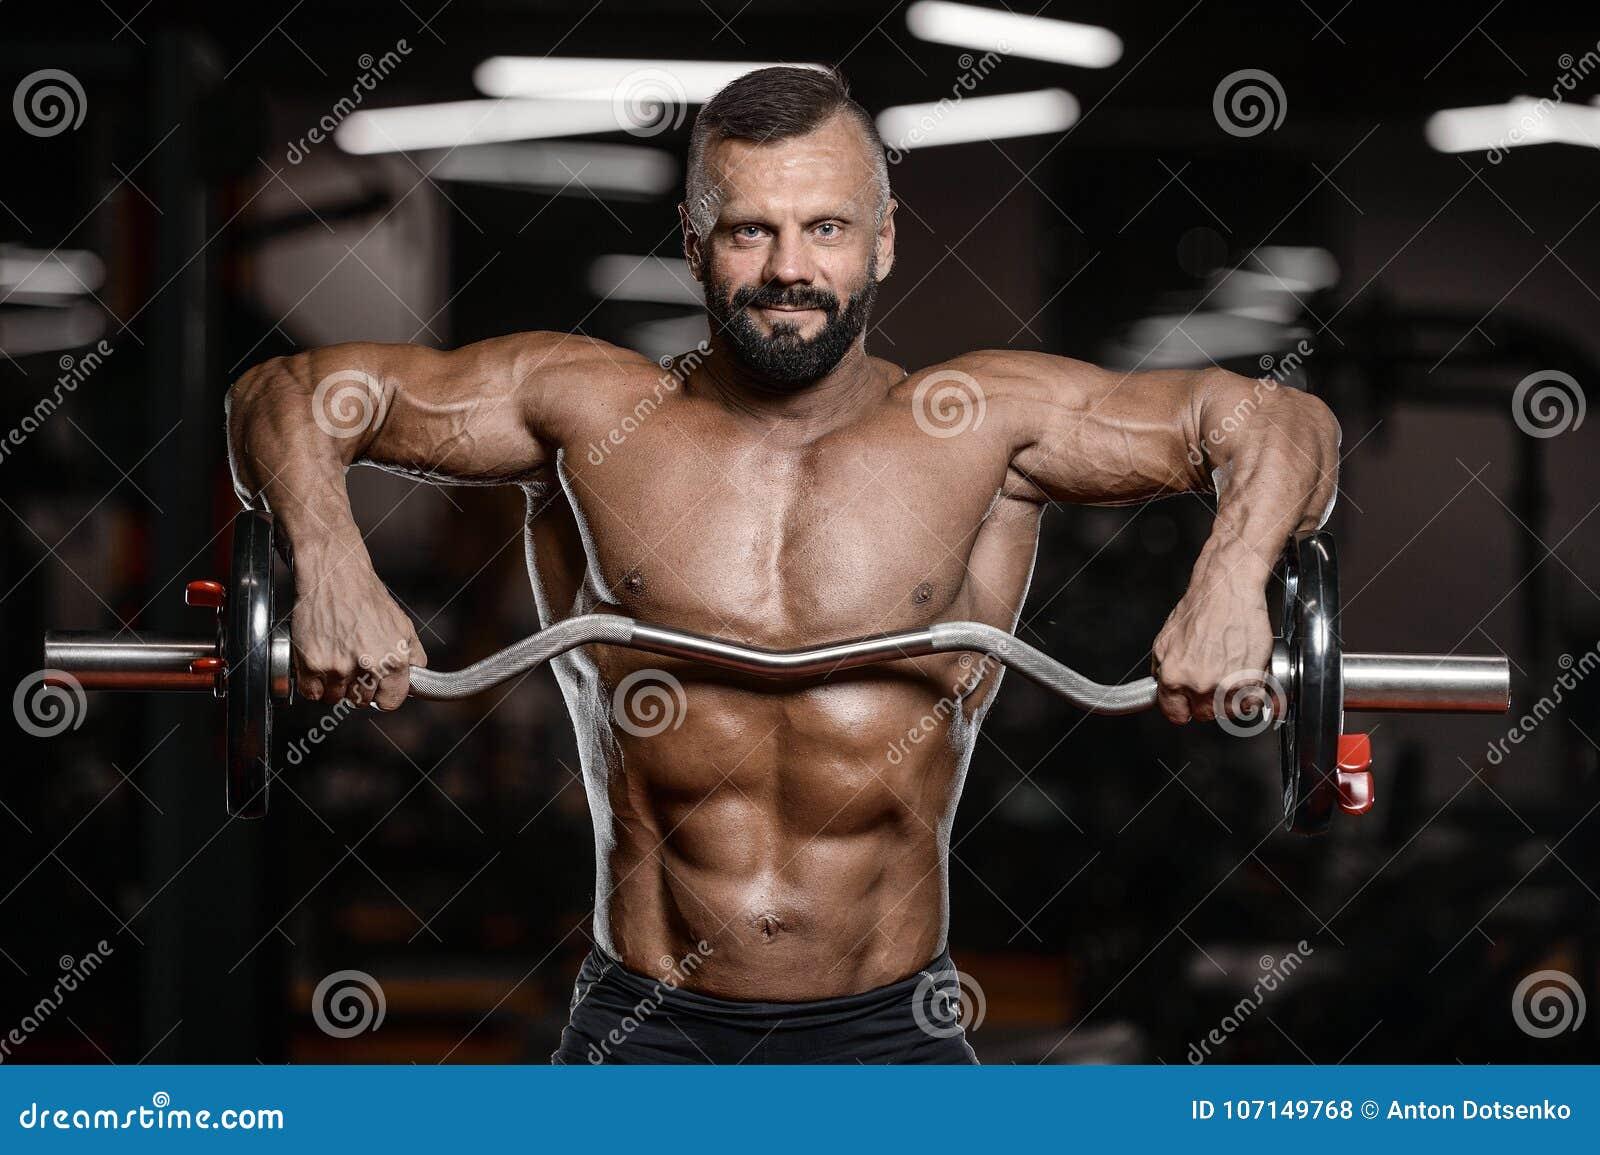 Free softcore bondage